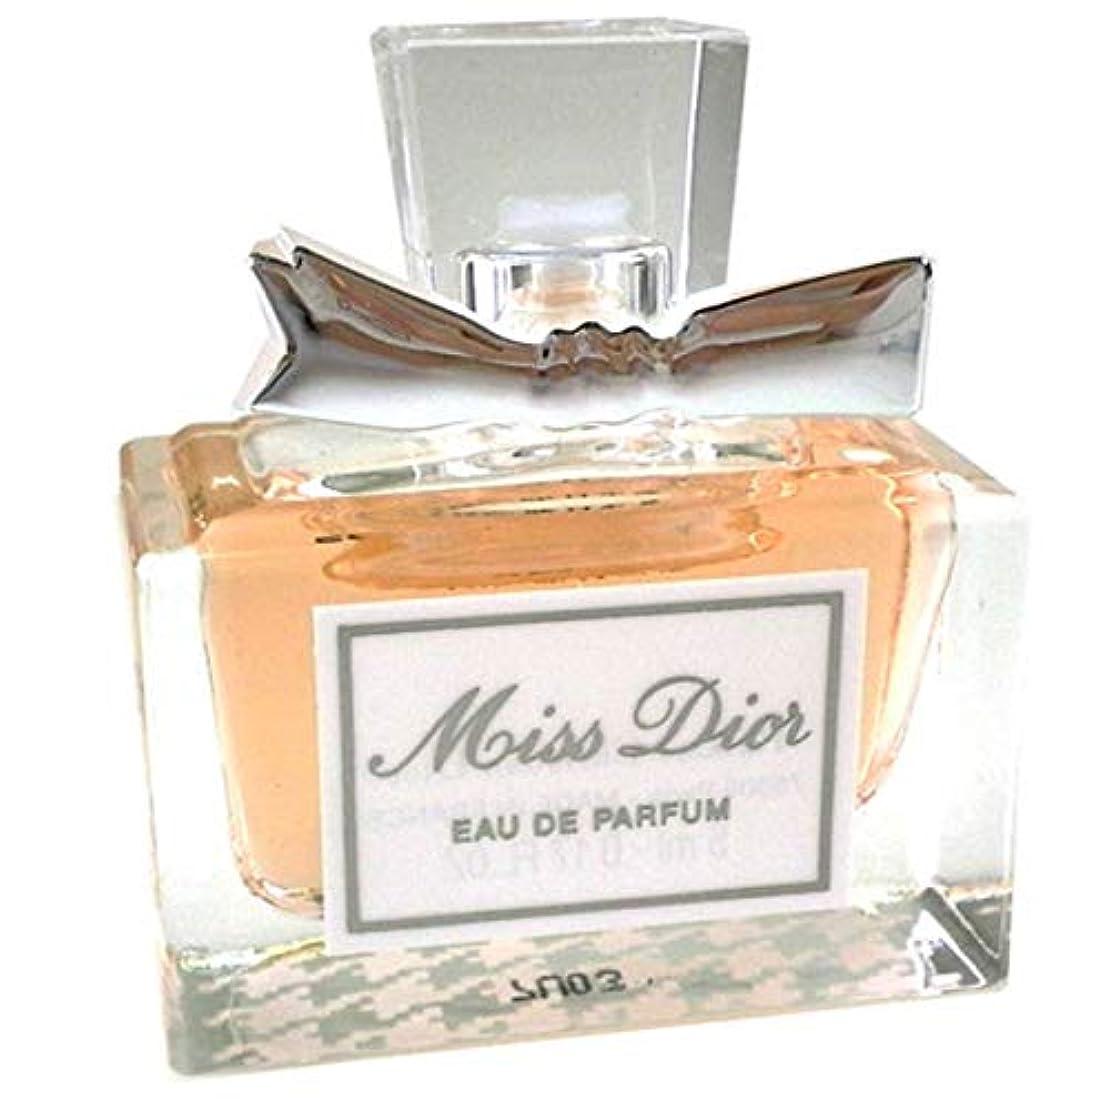 アデレード機動突撃Dior ディオール 香水 ミス ディオール Miss Dior 5ml ブレスレット アンクレット アクセサリー ミニサイズ ミニコスメ トラベル 化粧 メイク コスメ ピンク 海外限定